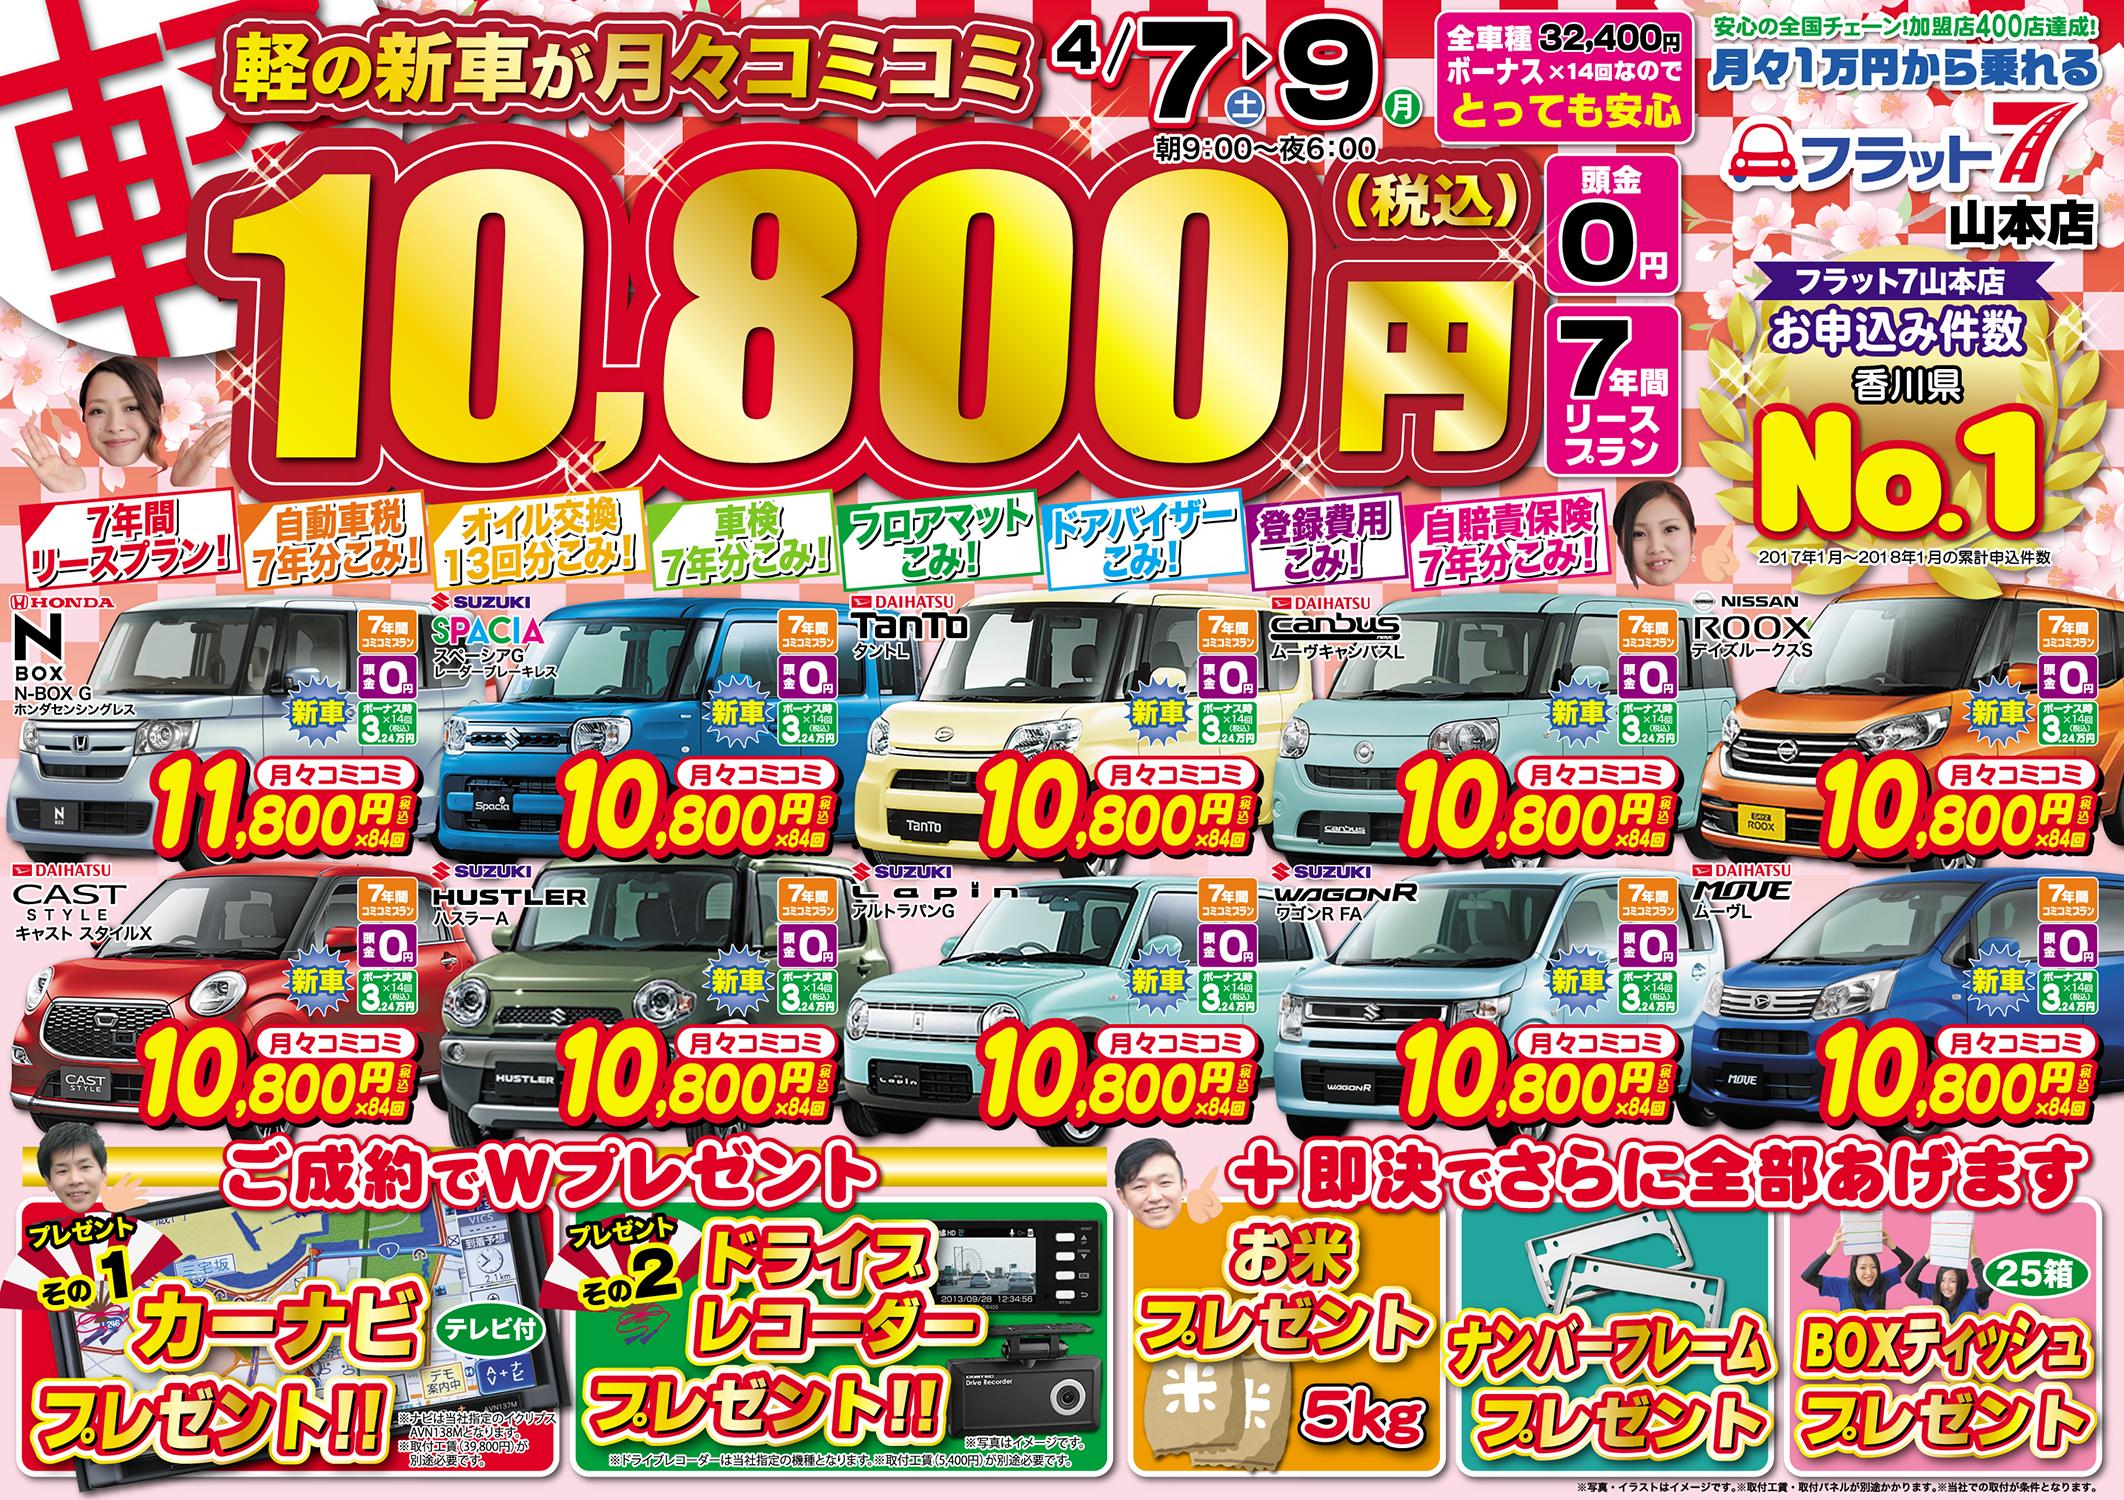 軽の新車が月々コミコミ10,800円!